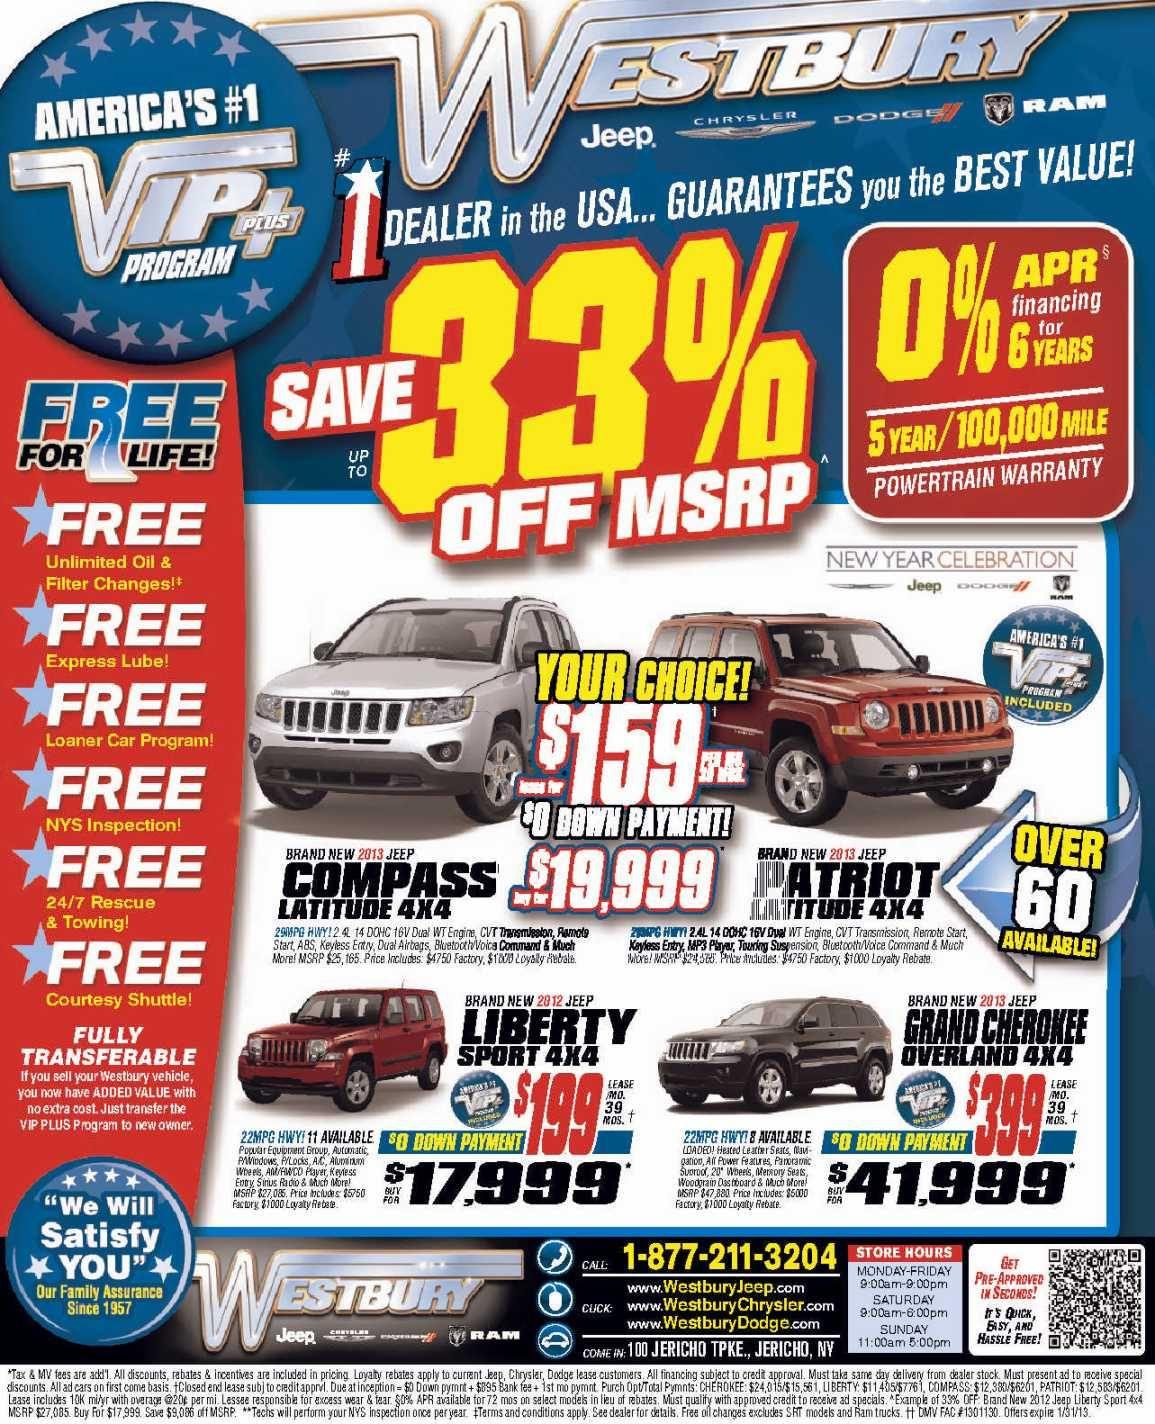 Long Island Jeep Lease Sale Long Island Jeep Dealer January 2013 2 Www.